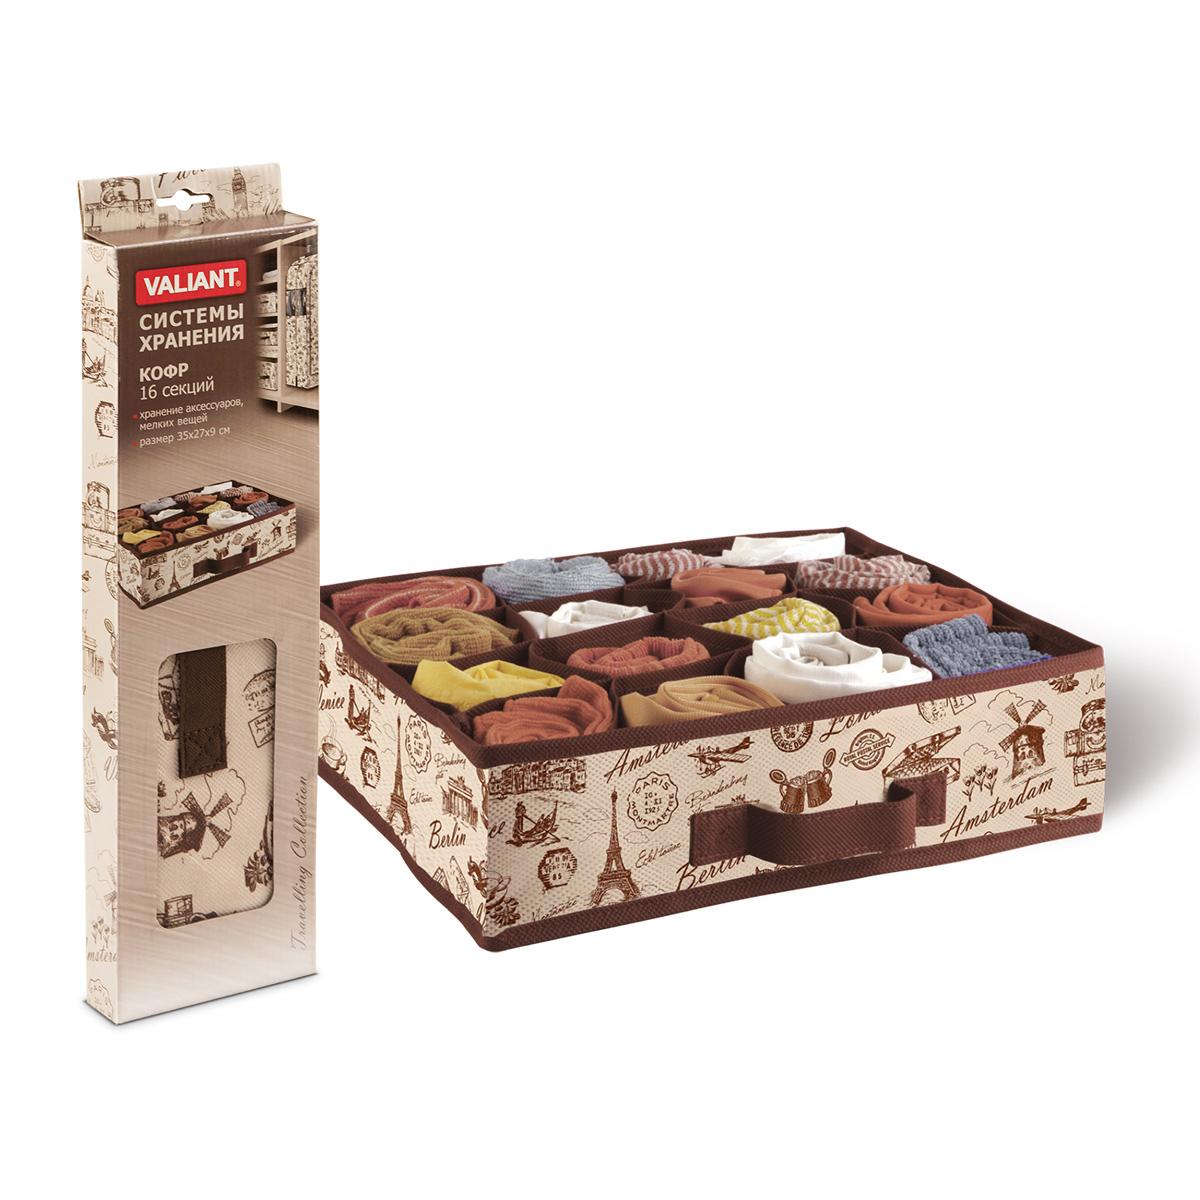 Кофр для белья Valiant Travelling, 16 секций, 35 см х 27 см х 9 смTRB307Кофр для белья Valiant Travelling изготовлен из высококачественного нетканого материала (спанбонда), который обеспечивает естественную вентиляцию, позволяя воздуху проникать внутрь, но не пропускает пыль. Вставки из плотного картона хорошо держат форму. Изделие имеет 16 секций для хранения нижнего белья, различных мелких вещей или аксессуаров. Отличается мобильностью: легко раскладывается и складывается. Сбоку имеется ручка. Оригинальный дизайн погружает в атмосферу путешествий по разным городам и странам. Системы хранения в едином дизайне сделают вашу гардеробную красивой и невероятно стильной.